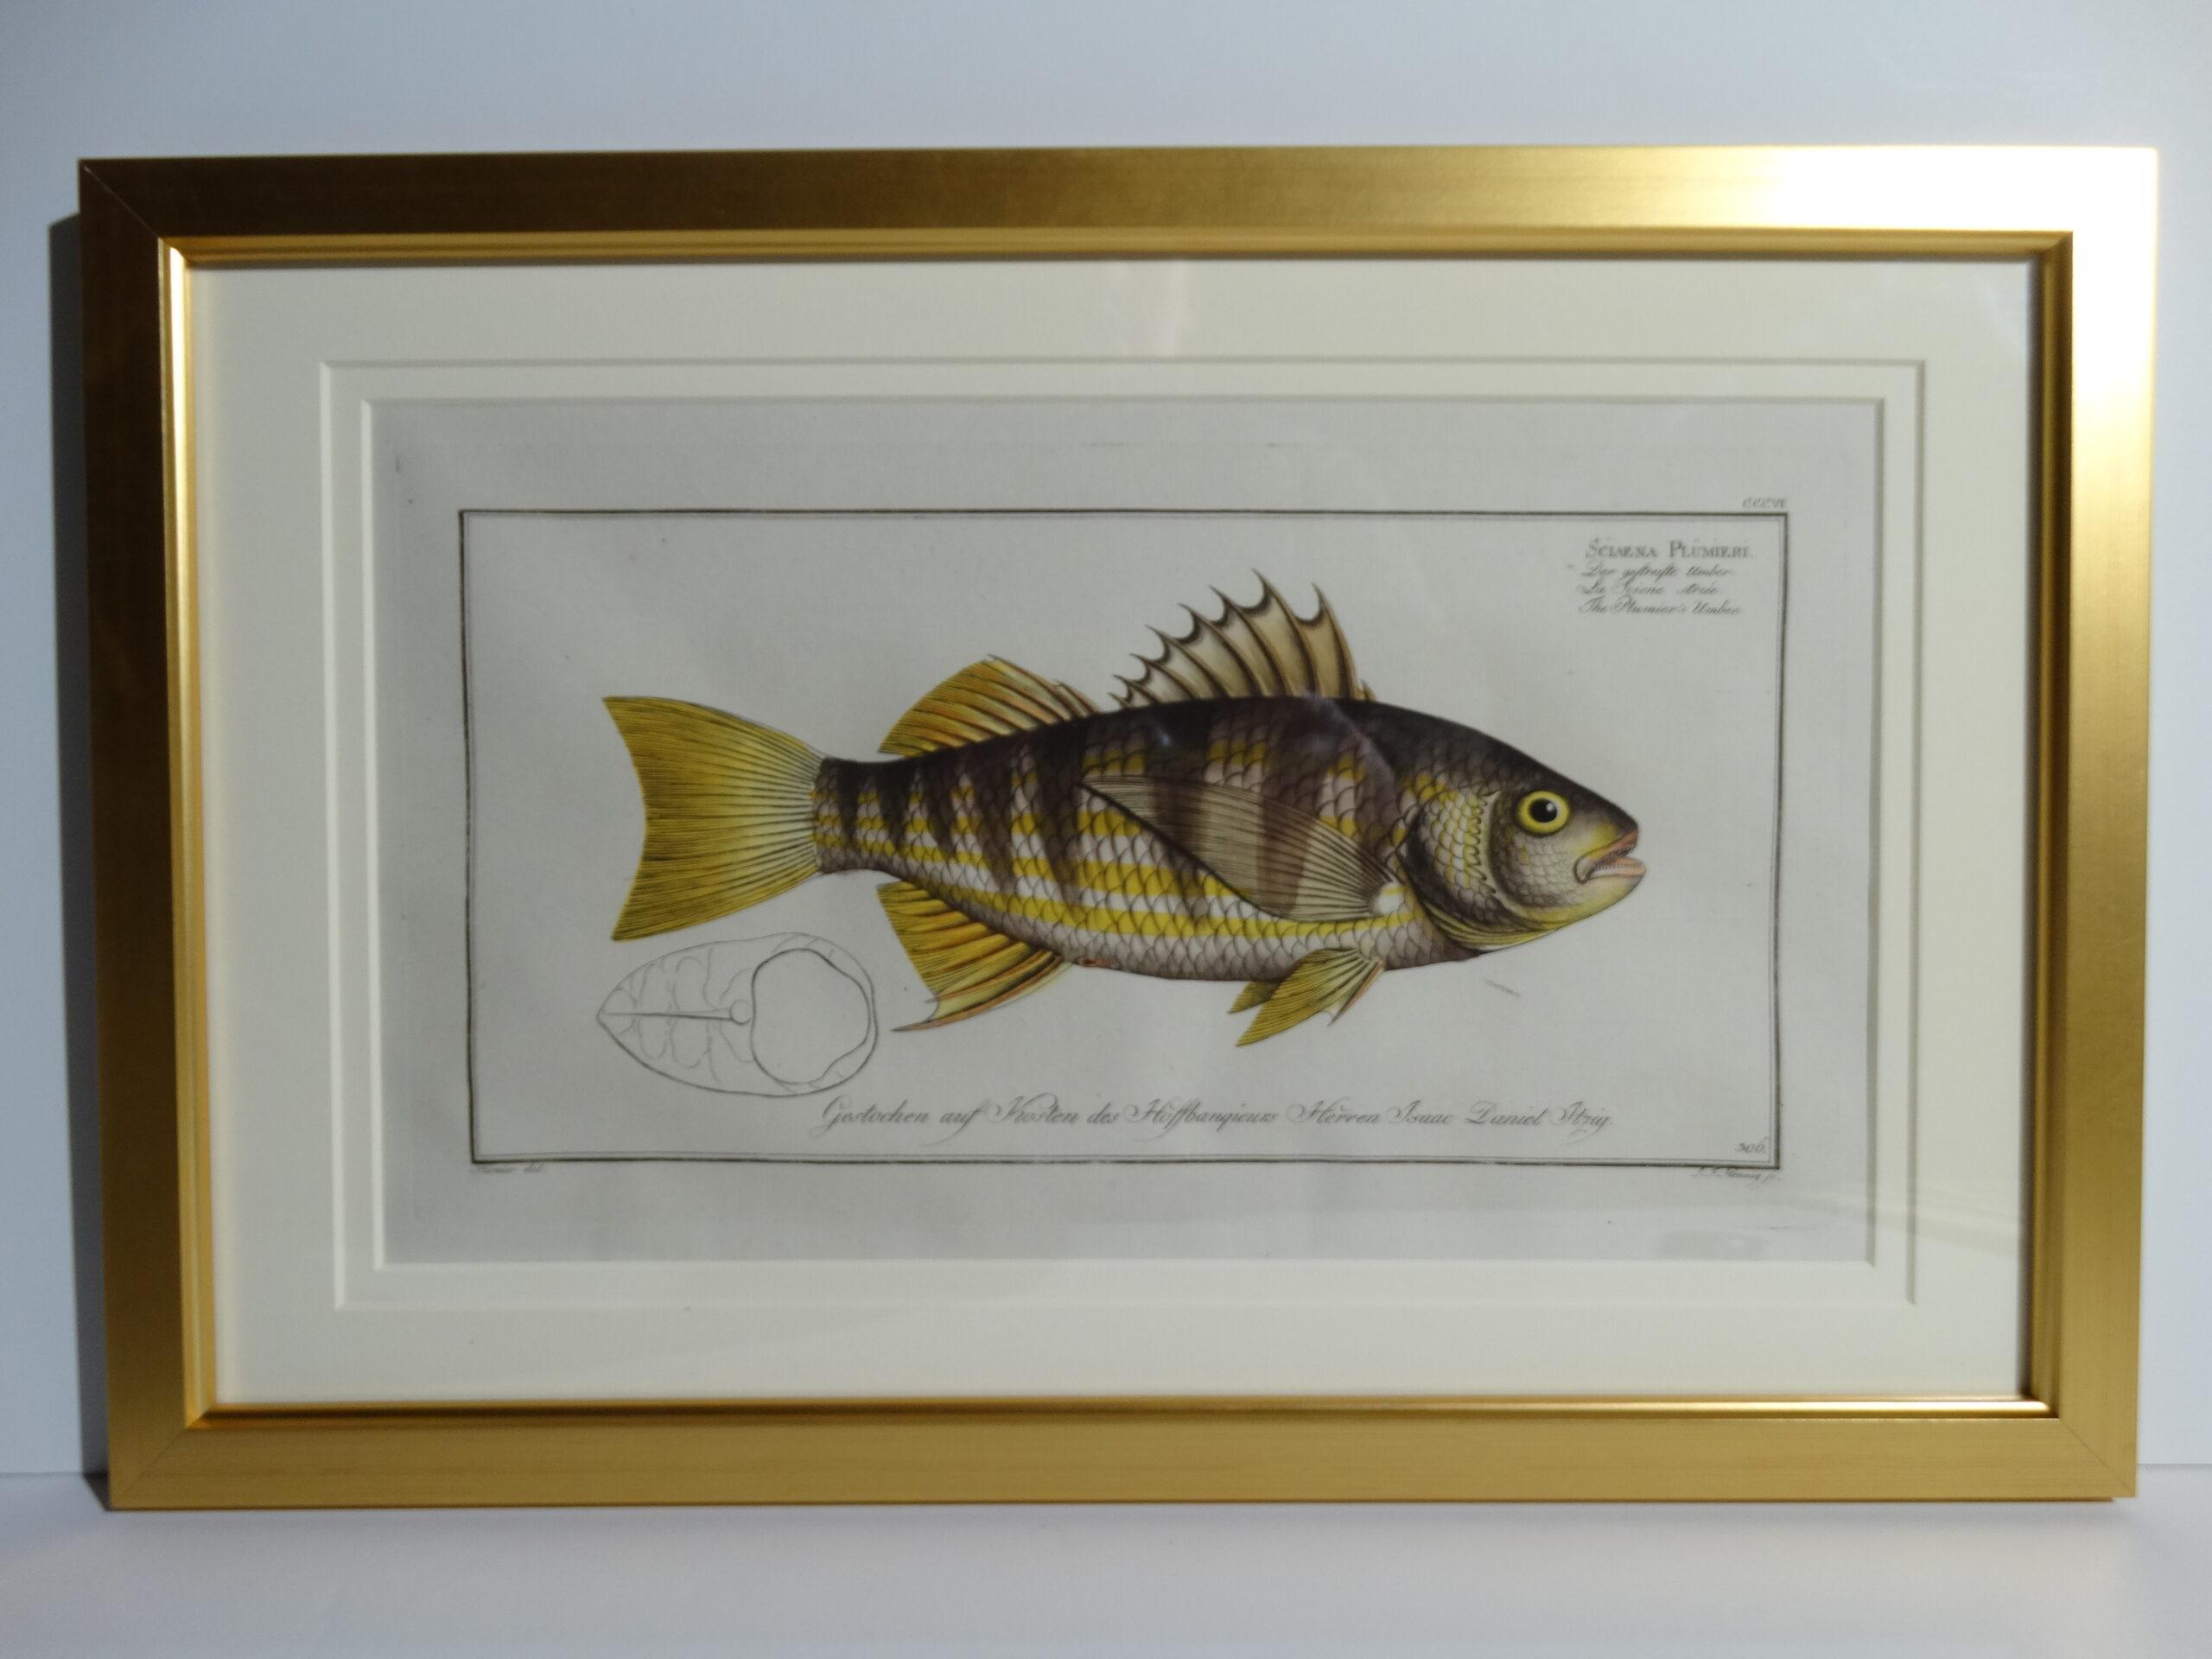 Bloch Fish Engraving Framed10